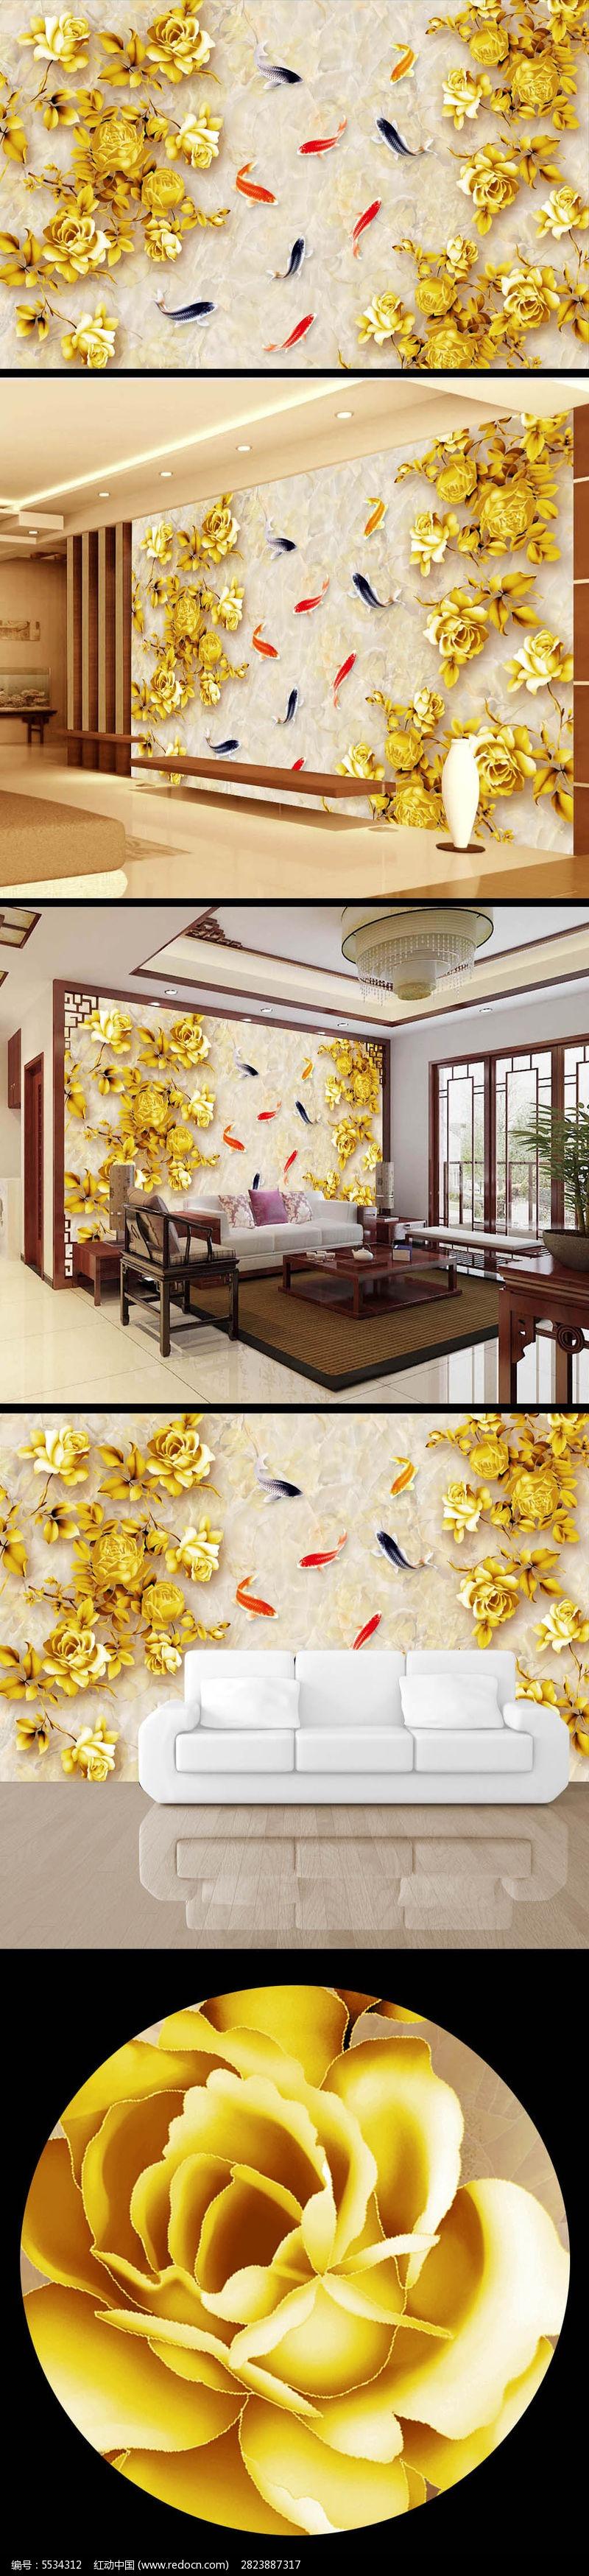 金色玫瑰花大理石背景墙设计图片